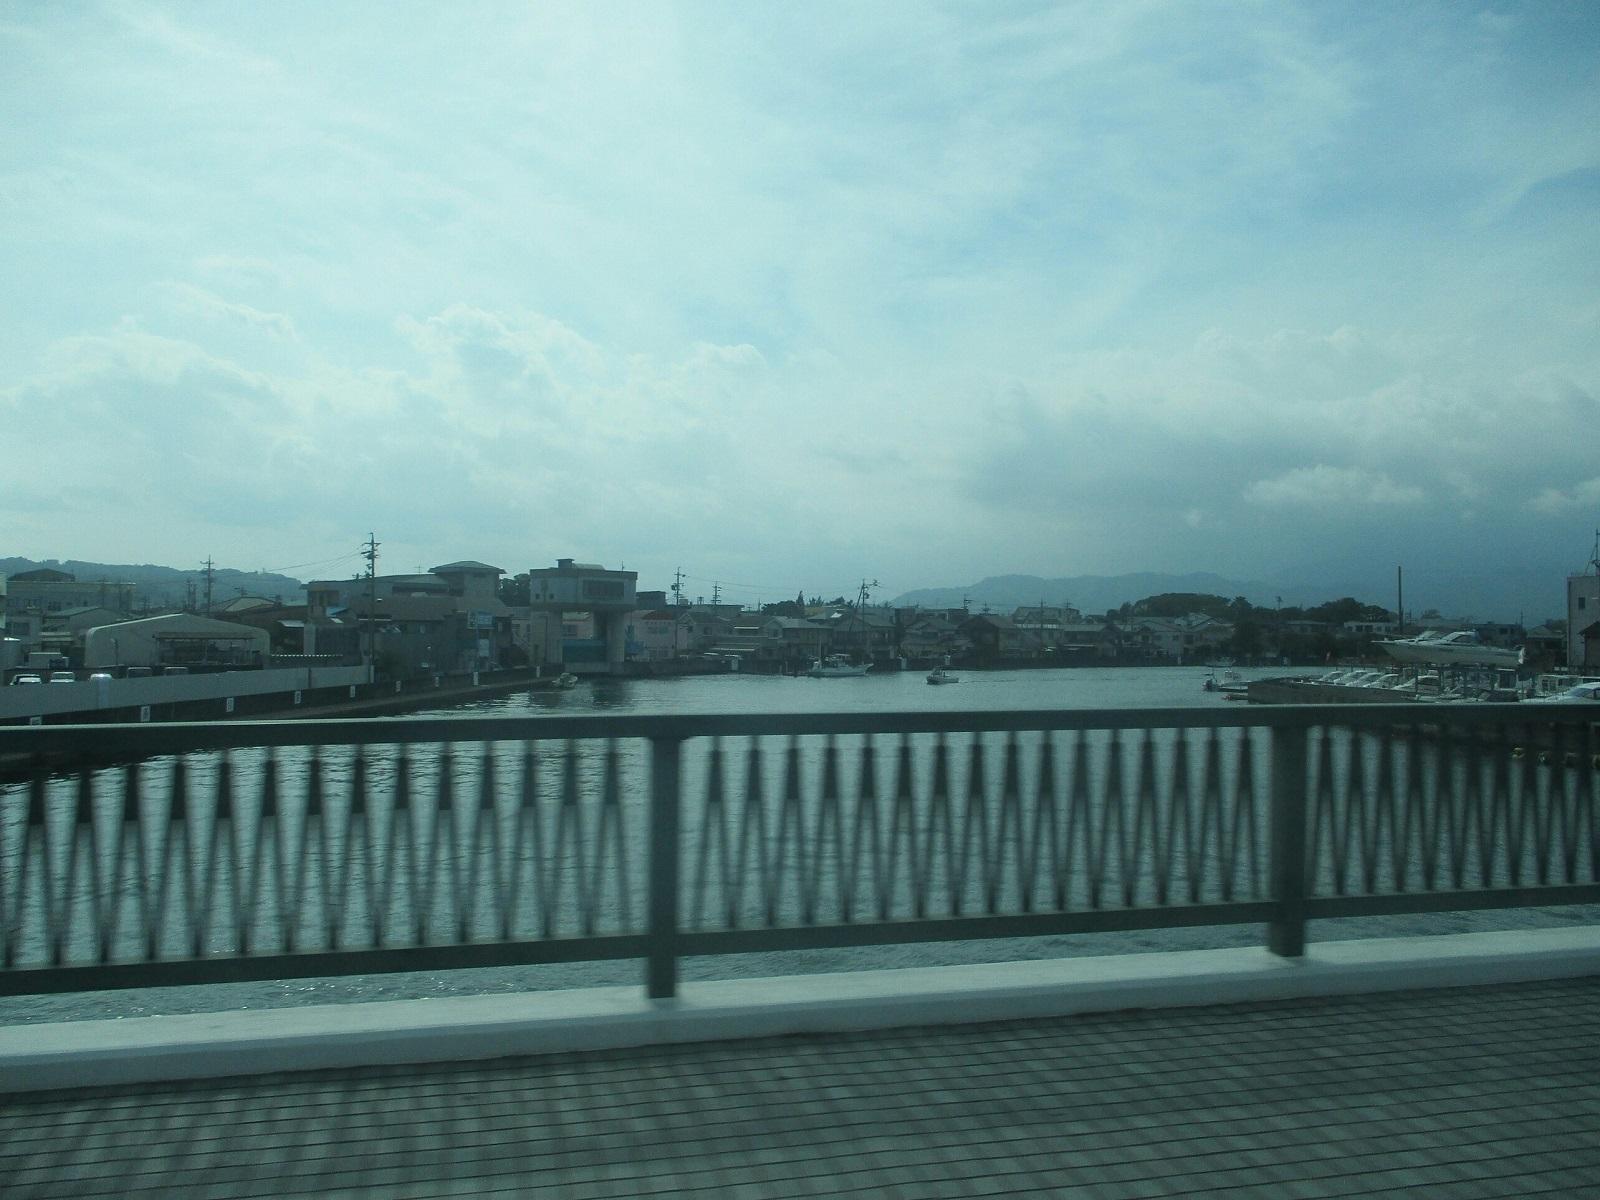 2018.8.10 (125) 清水駅いきバス - 巴川をわたる 1600-1200